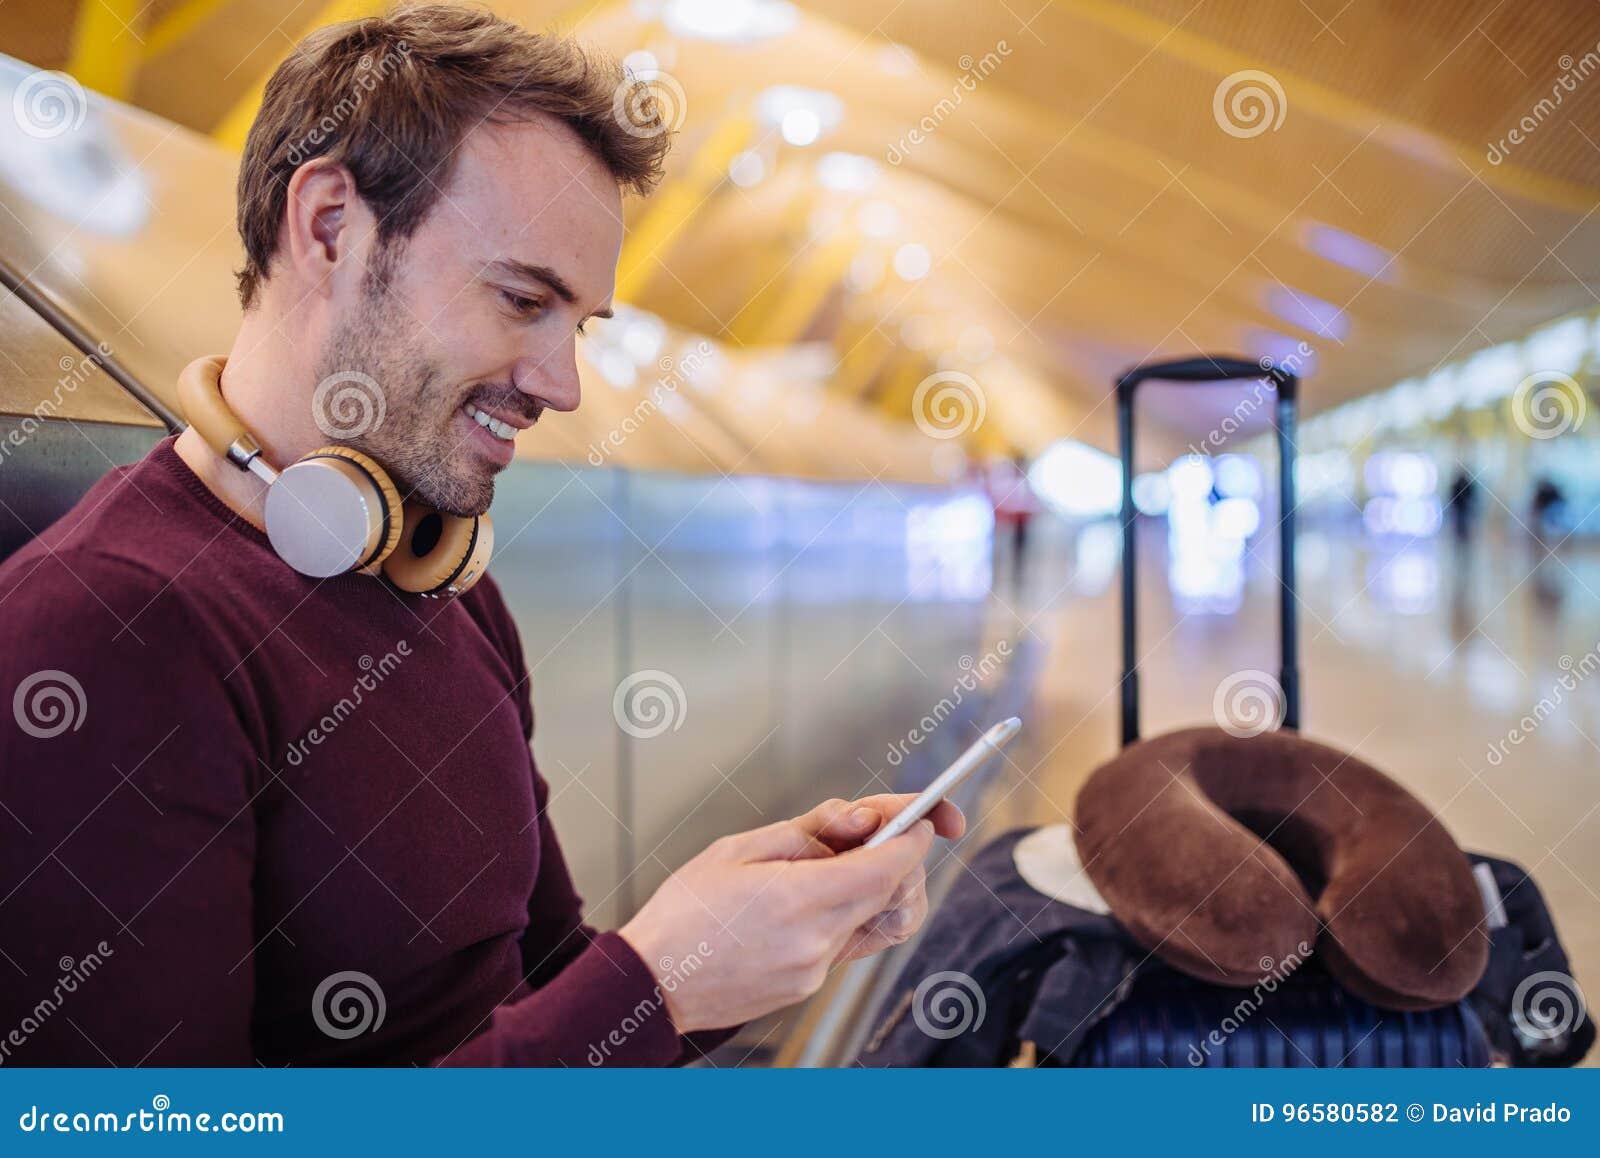 Hörende Wartemusik des jungen Mannes und mit Handy an